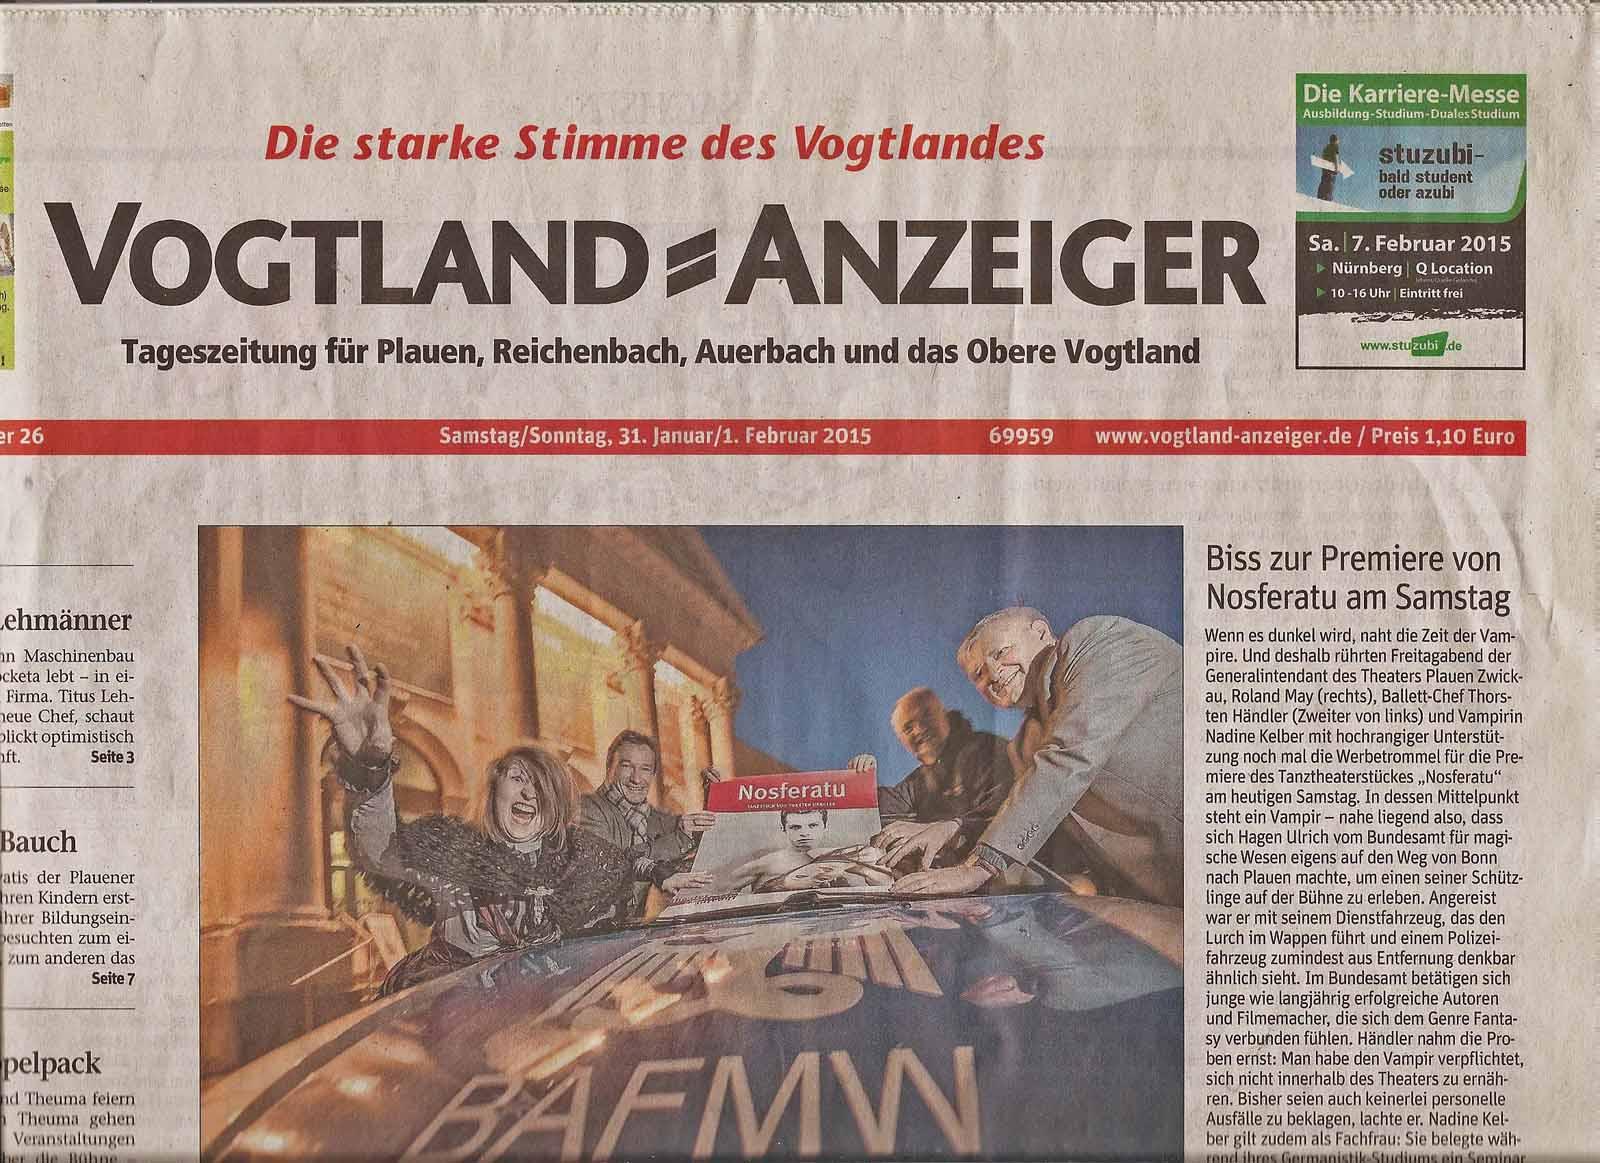 Der Vogtland-Anzeiger vom 31. Januar zum Bundesamt für magische Wesen